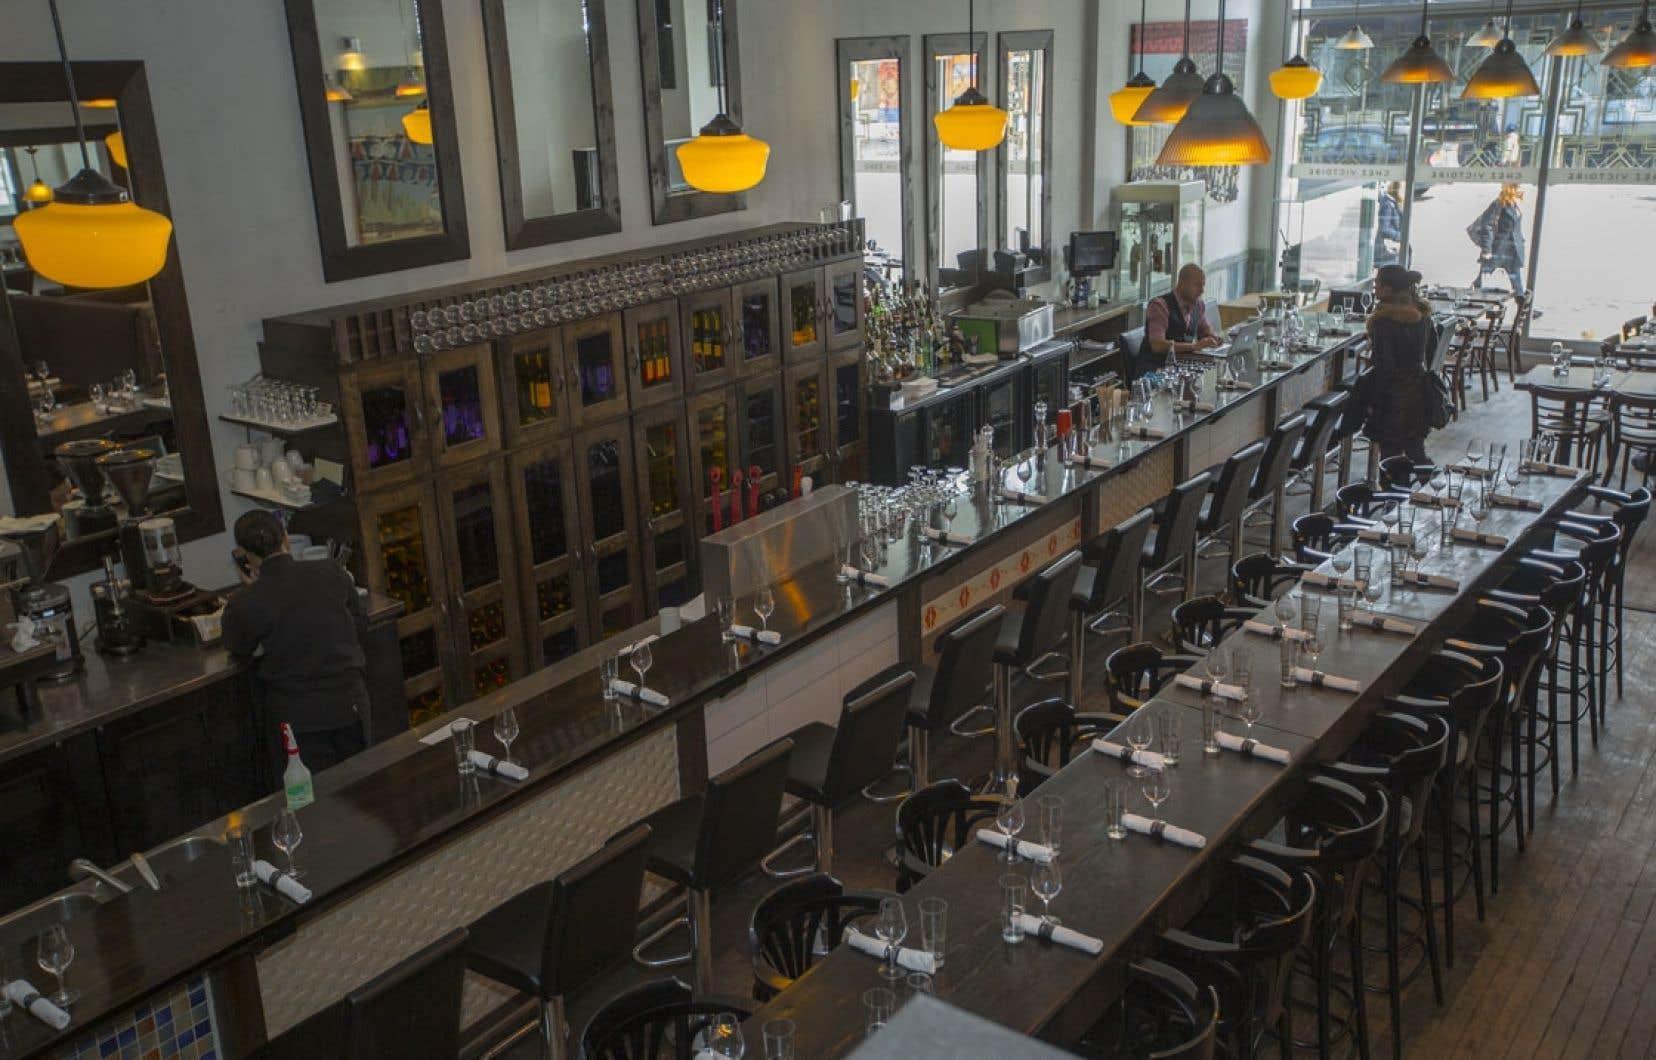 Le restaurant Chez Victoire, à Montréal, affiche un penchant pour le partage convivial: un long bar, quelques box et une grande table qui fait se côtoyer la clientèle.